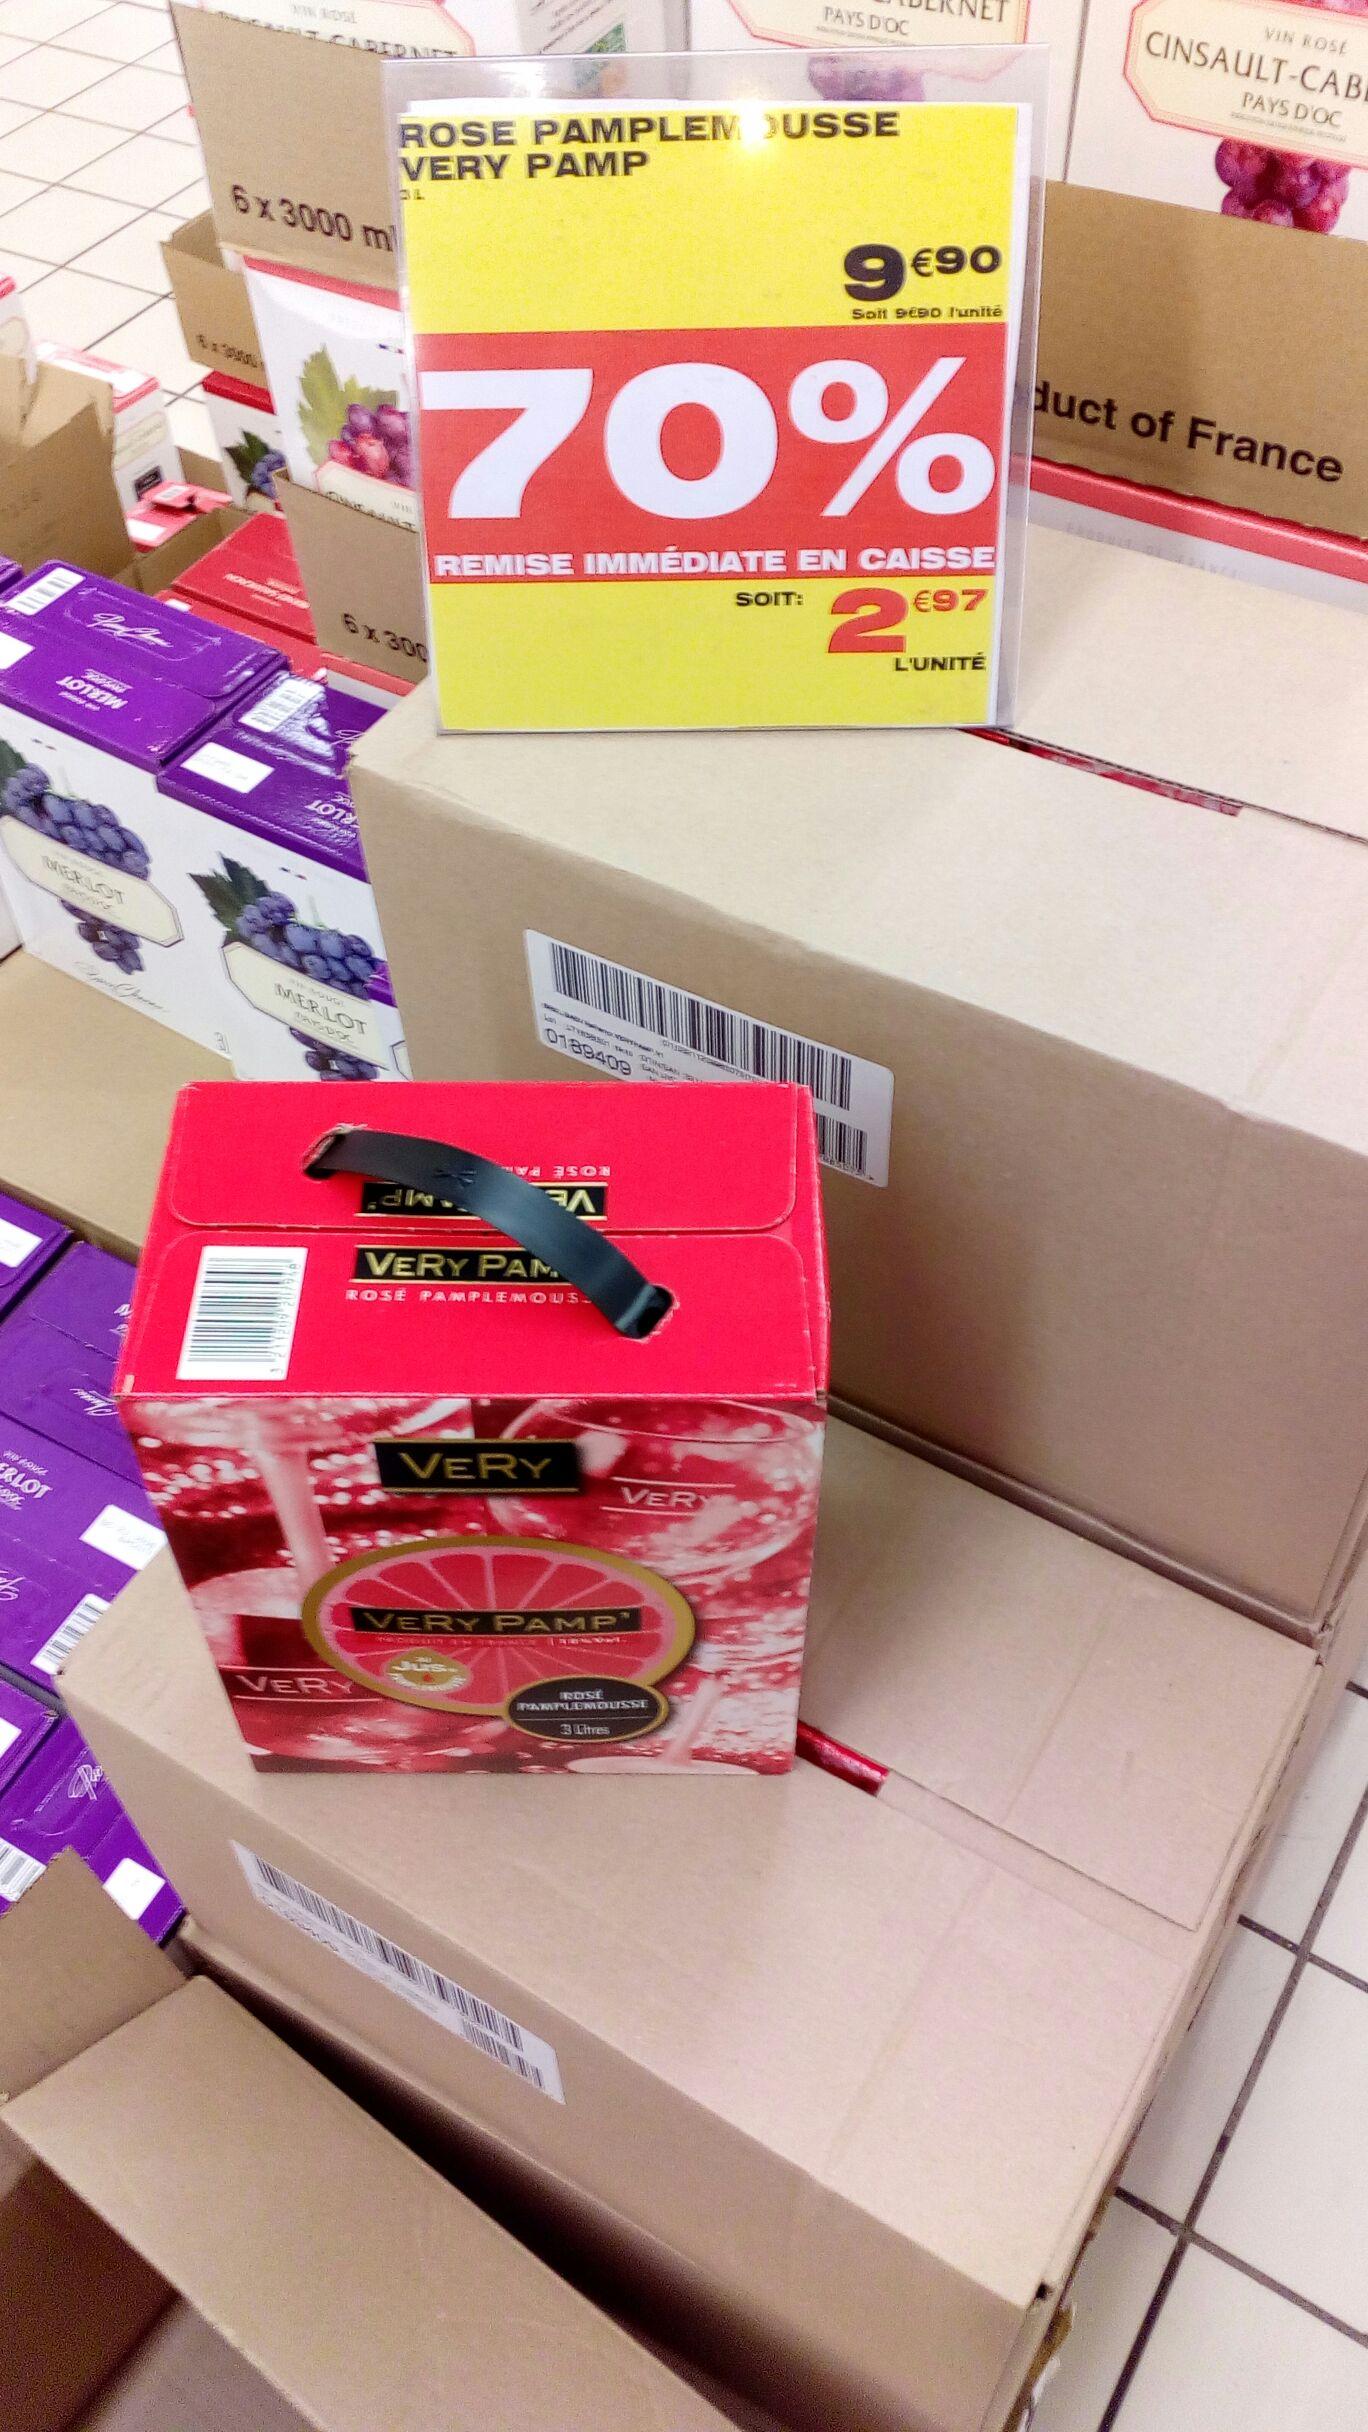 Cubis de rose-pamplemousse Very Pamp' - 3 L au Auchan Roncq (59)